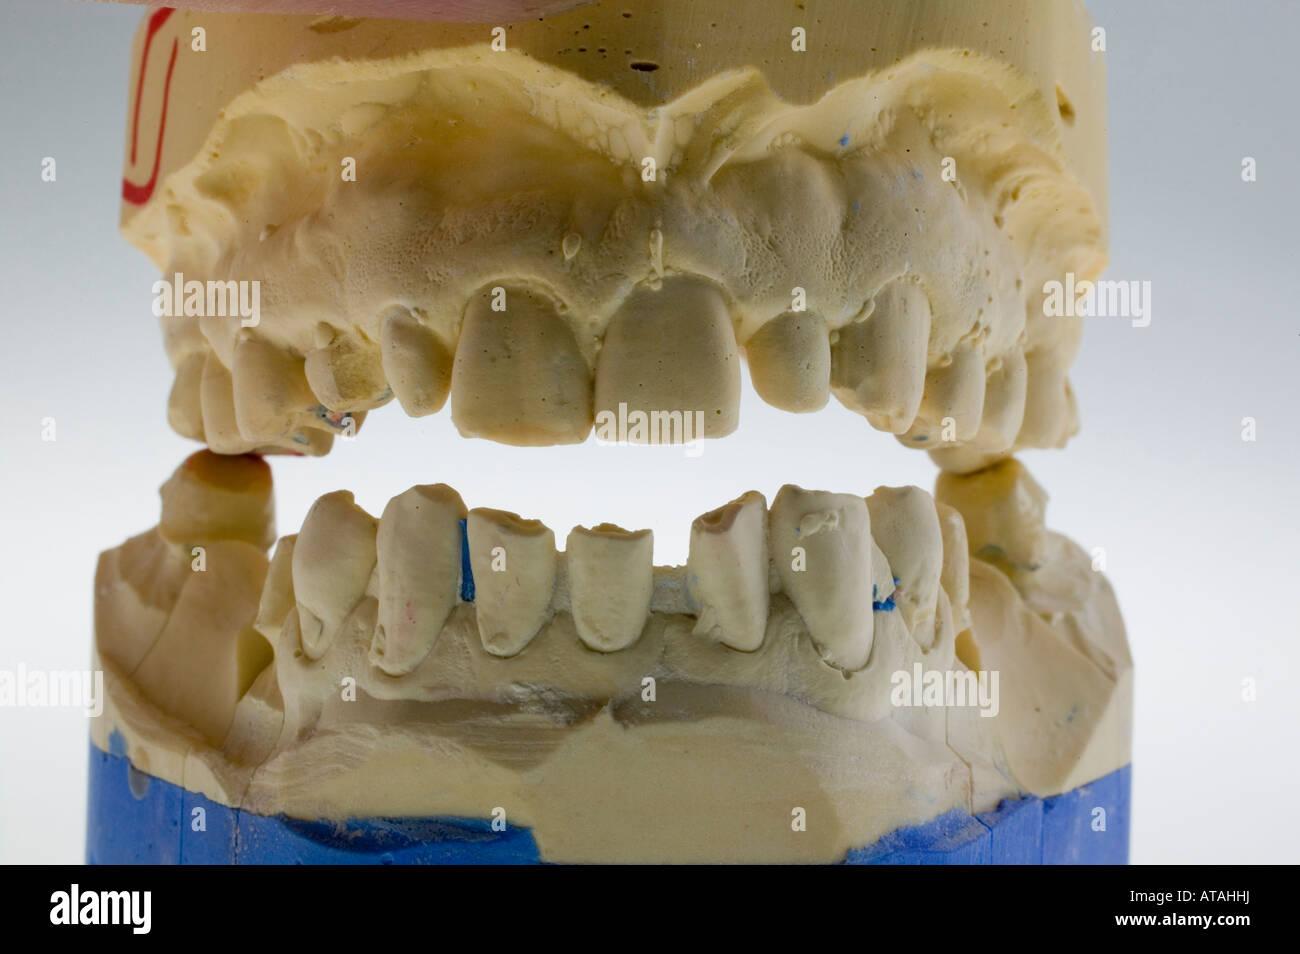 Modell für Zahnersatz, dental prostheses Stock Photo